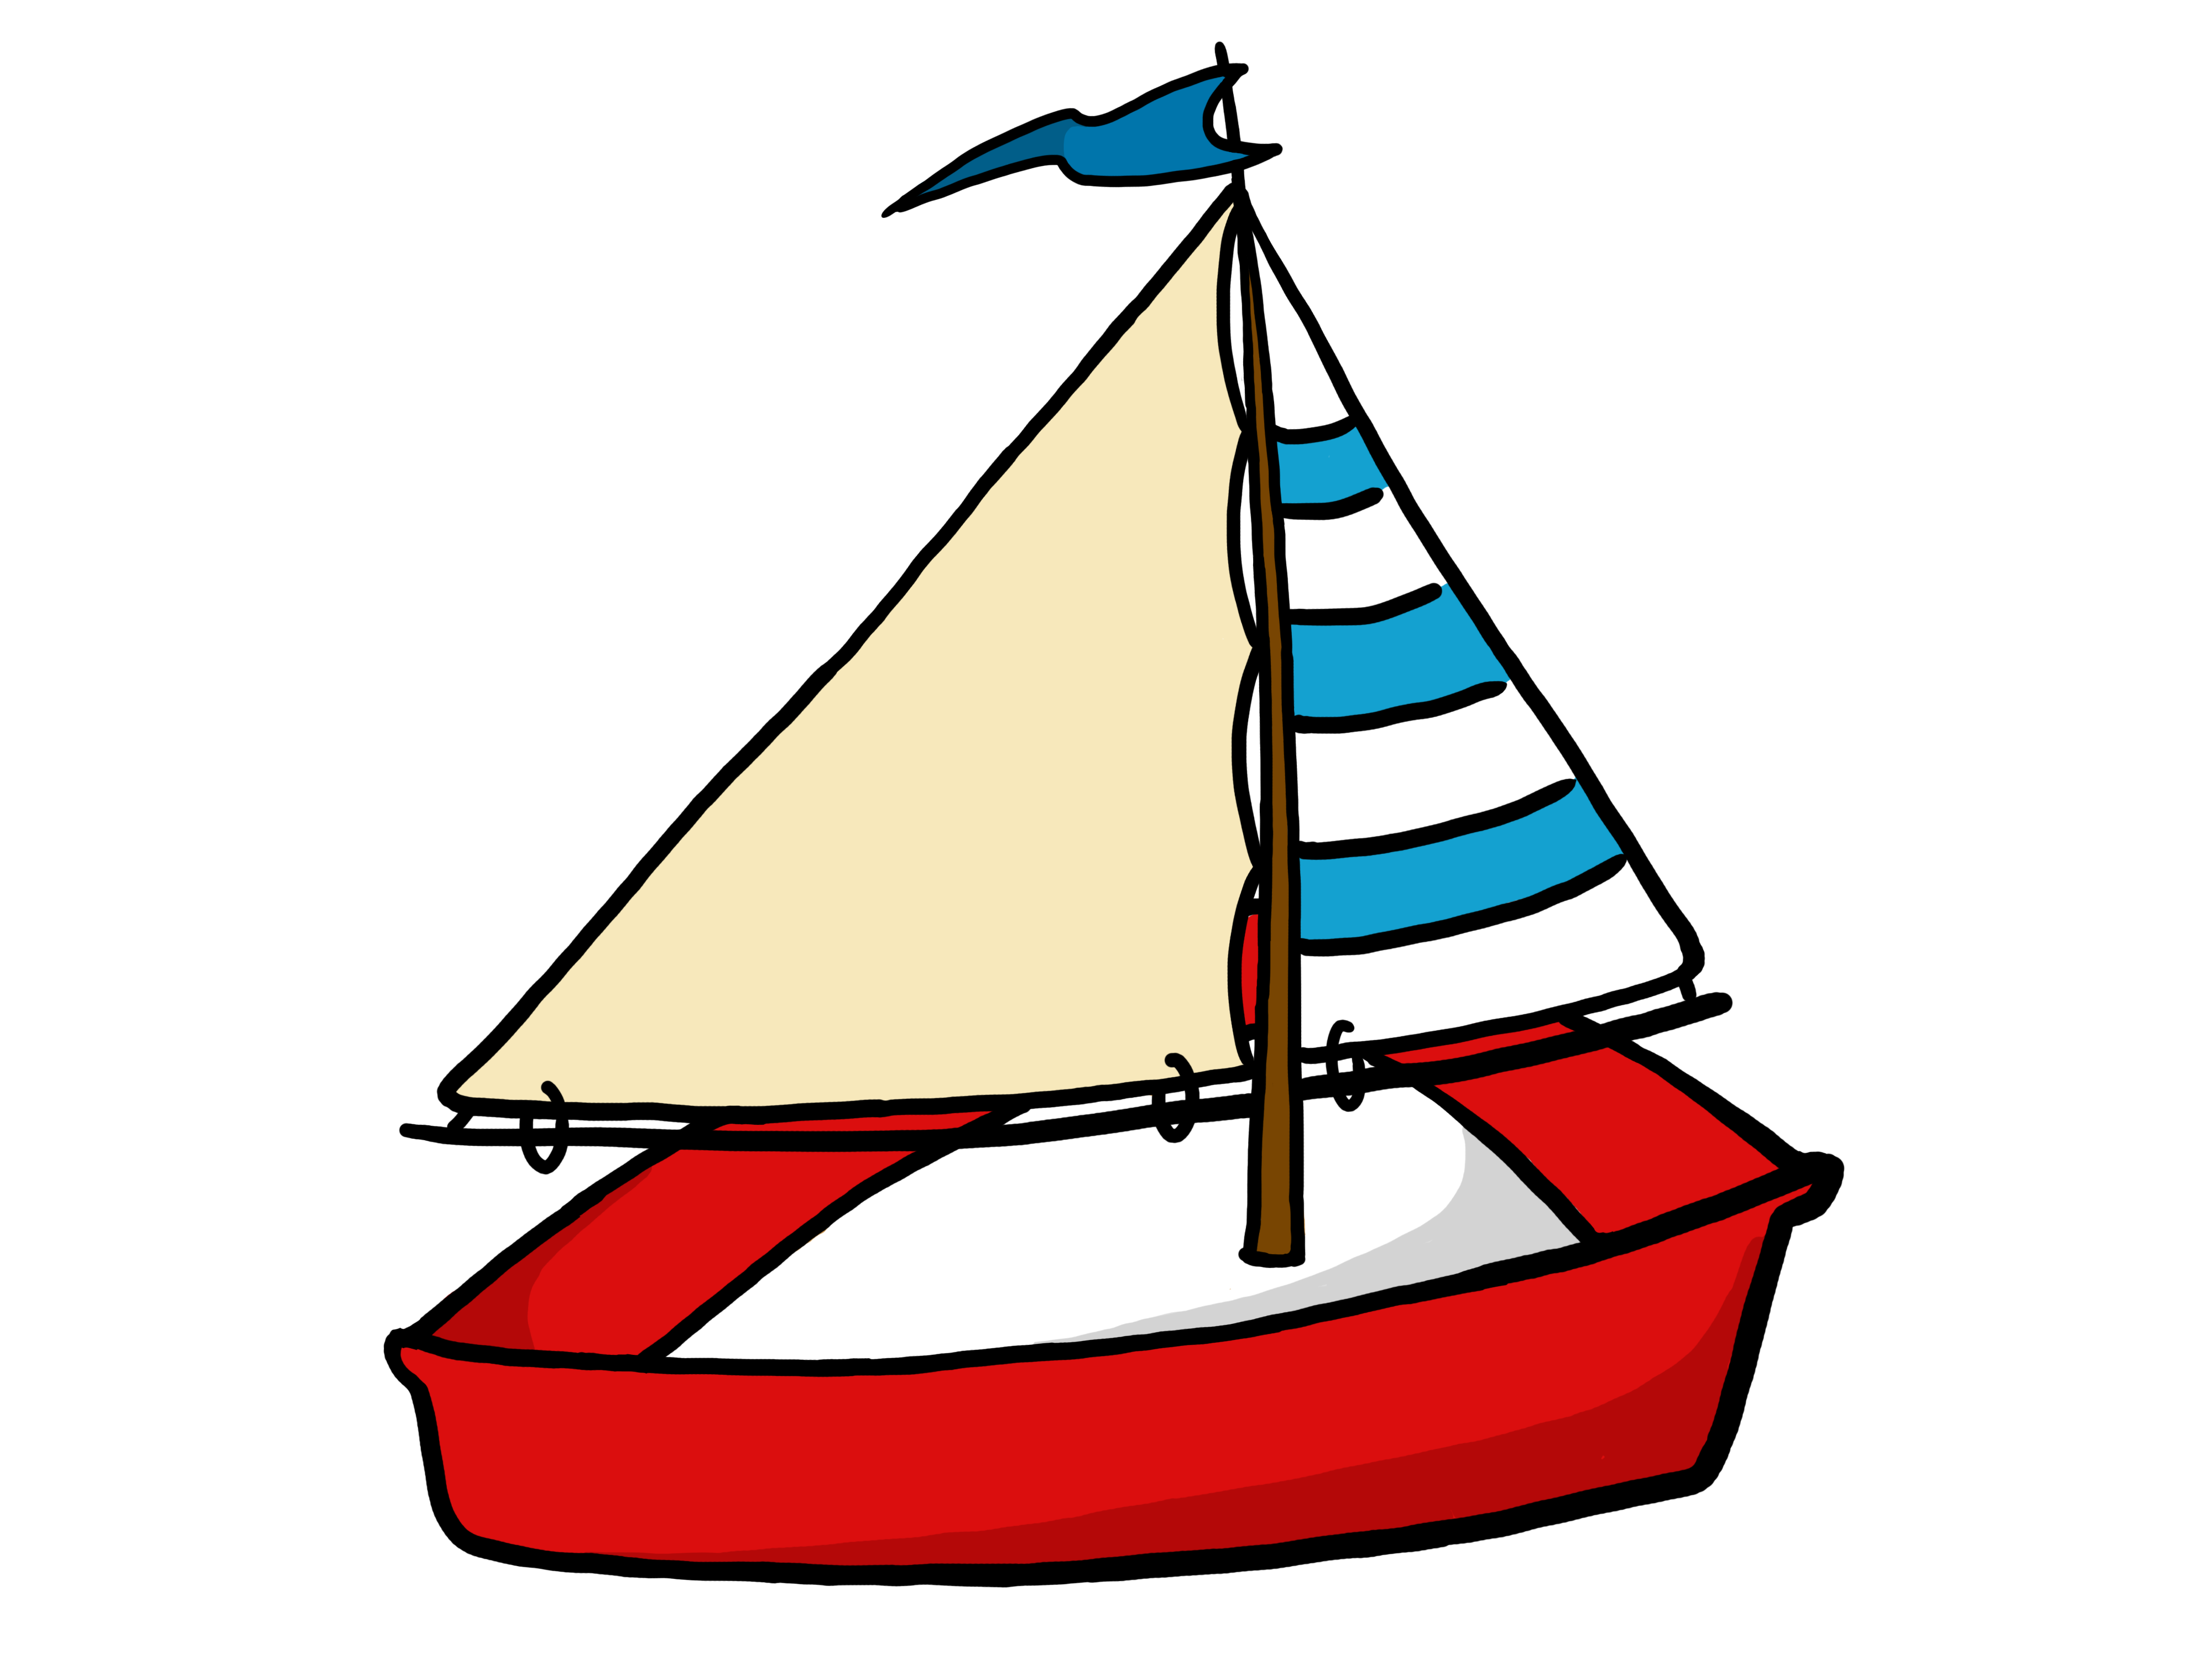 4000x3000 Top 77 Boat Clip Art